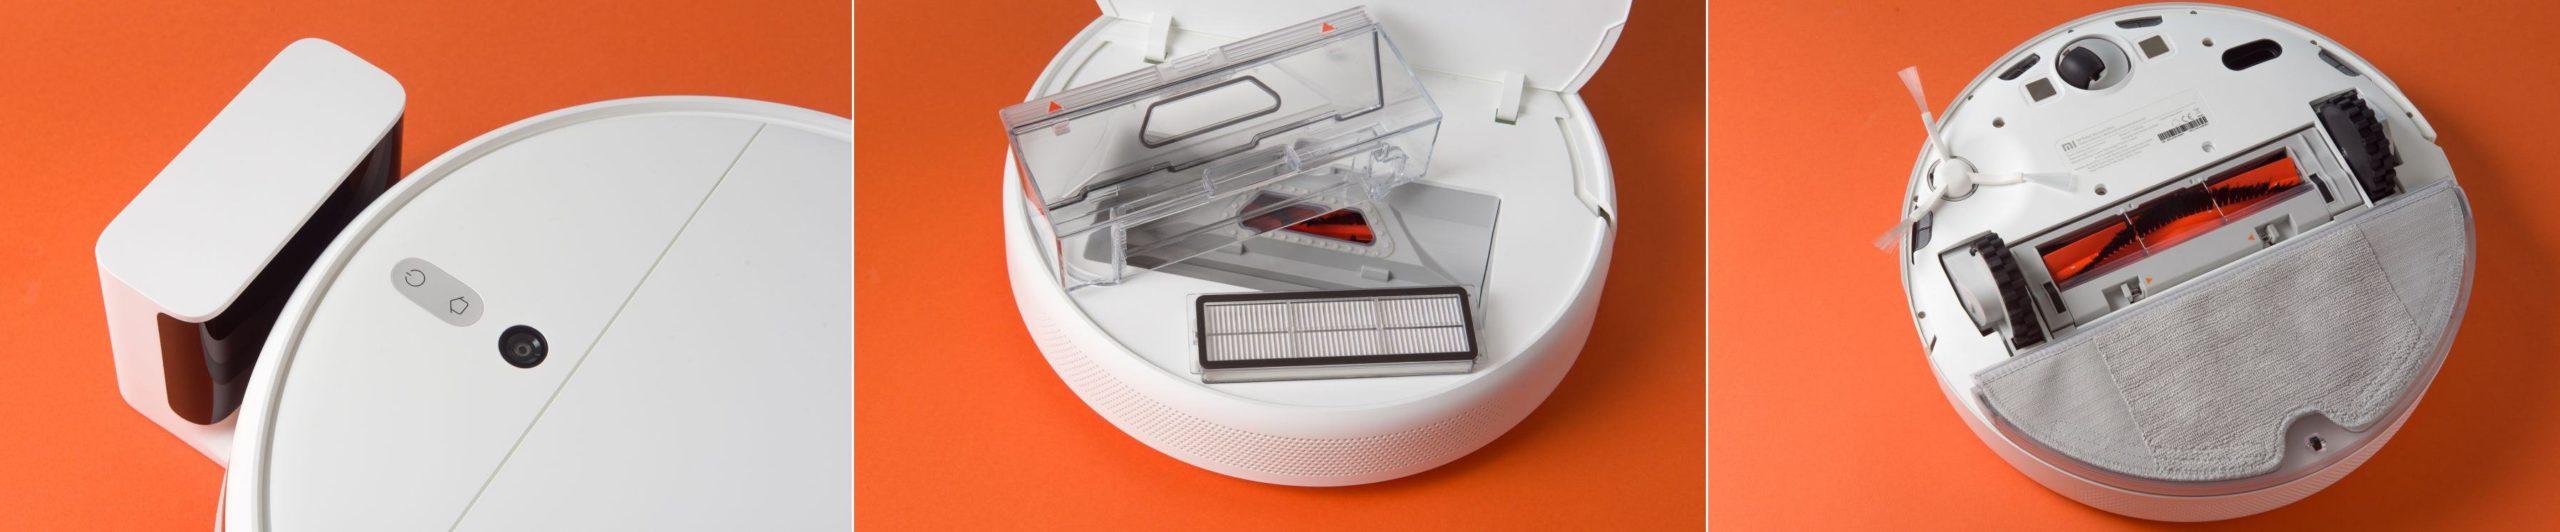 робот пылесос mi robot vacuum mop отзывы